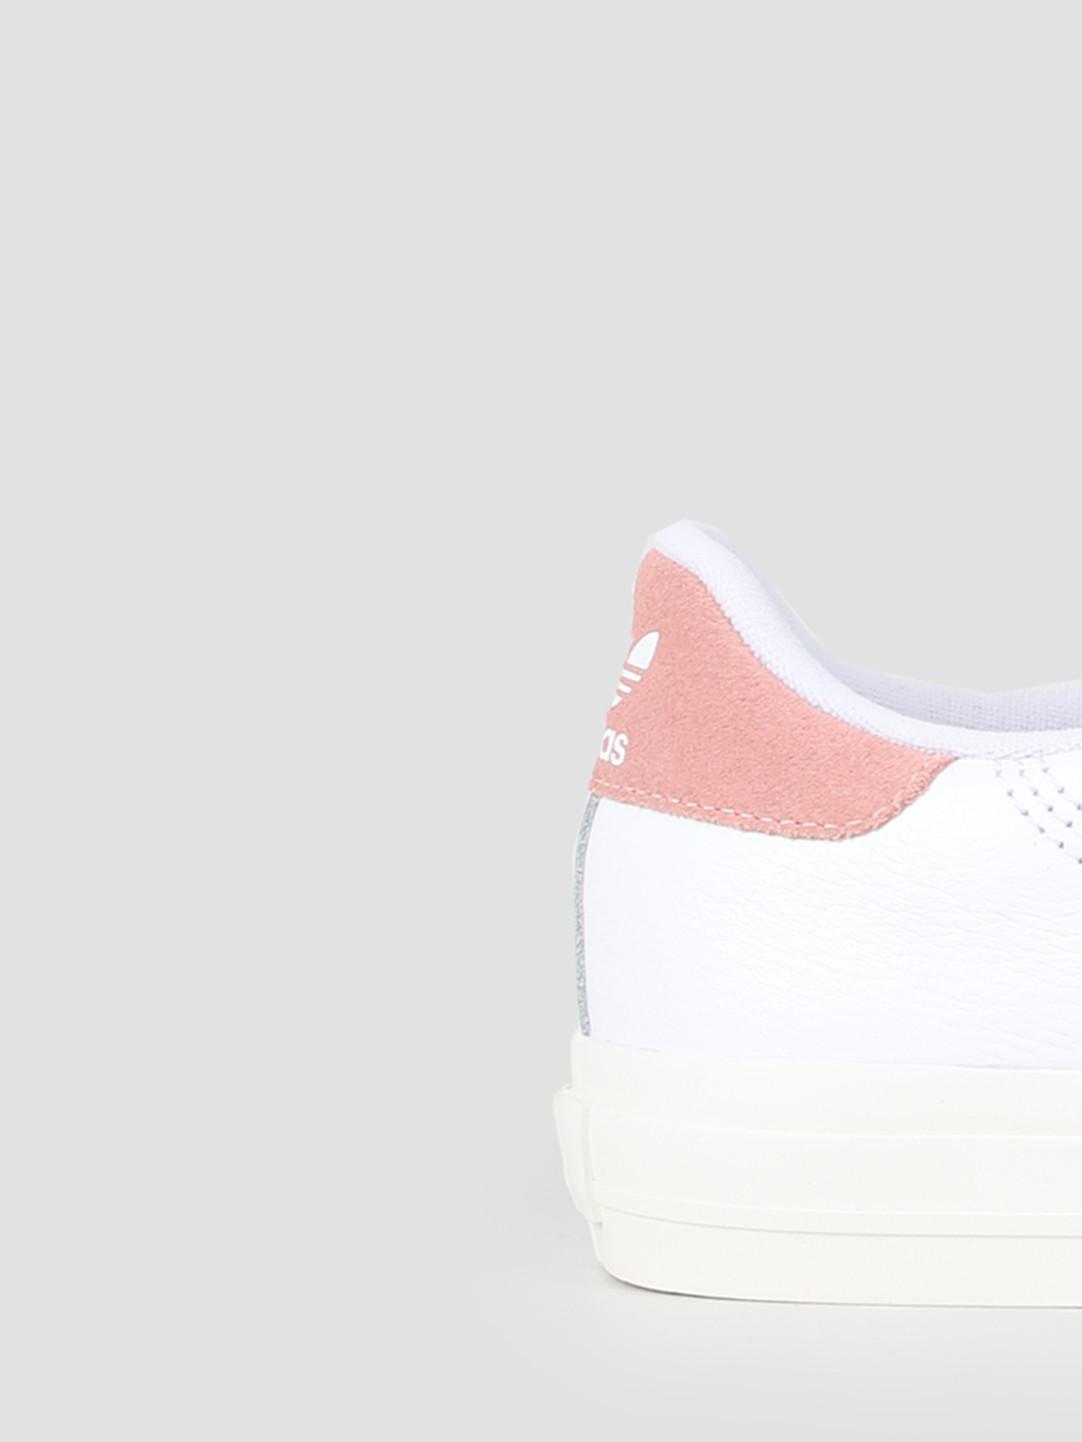 adidas adidas Continental Vulc Ftwwht Ftwwht Glopnk EF3535